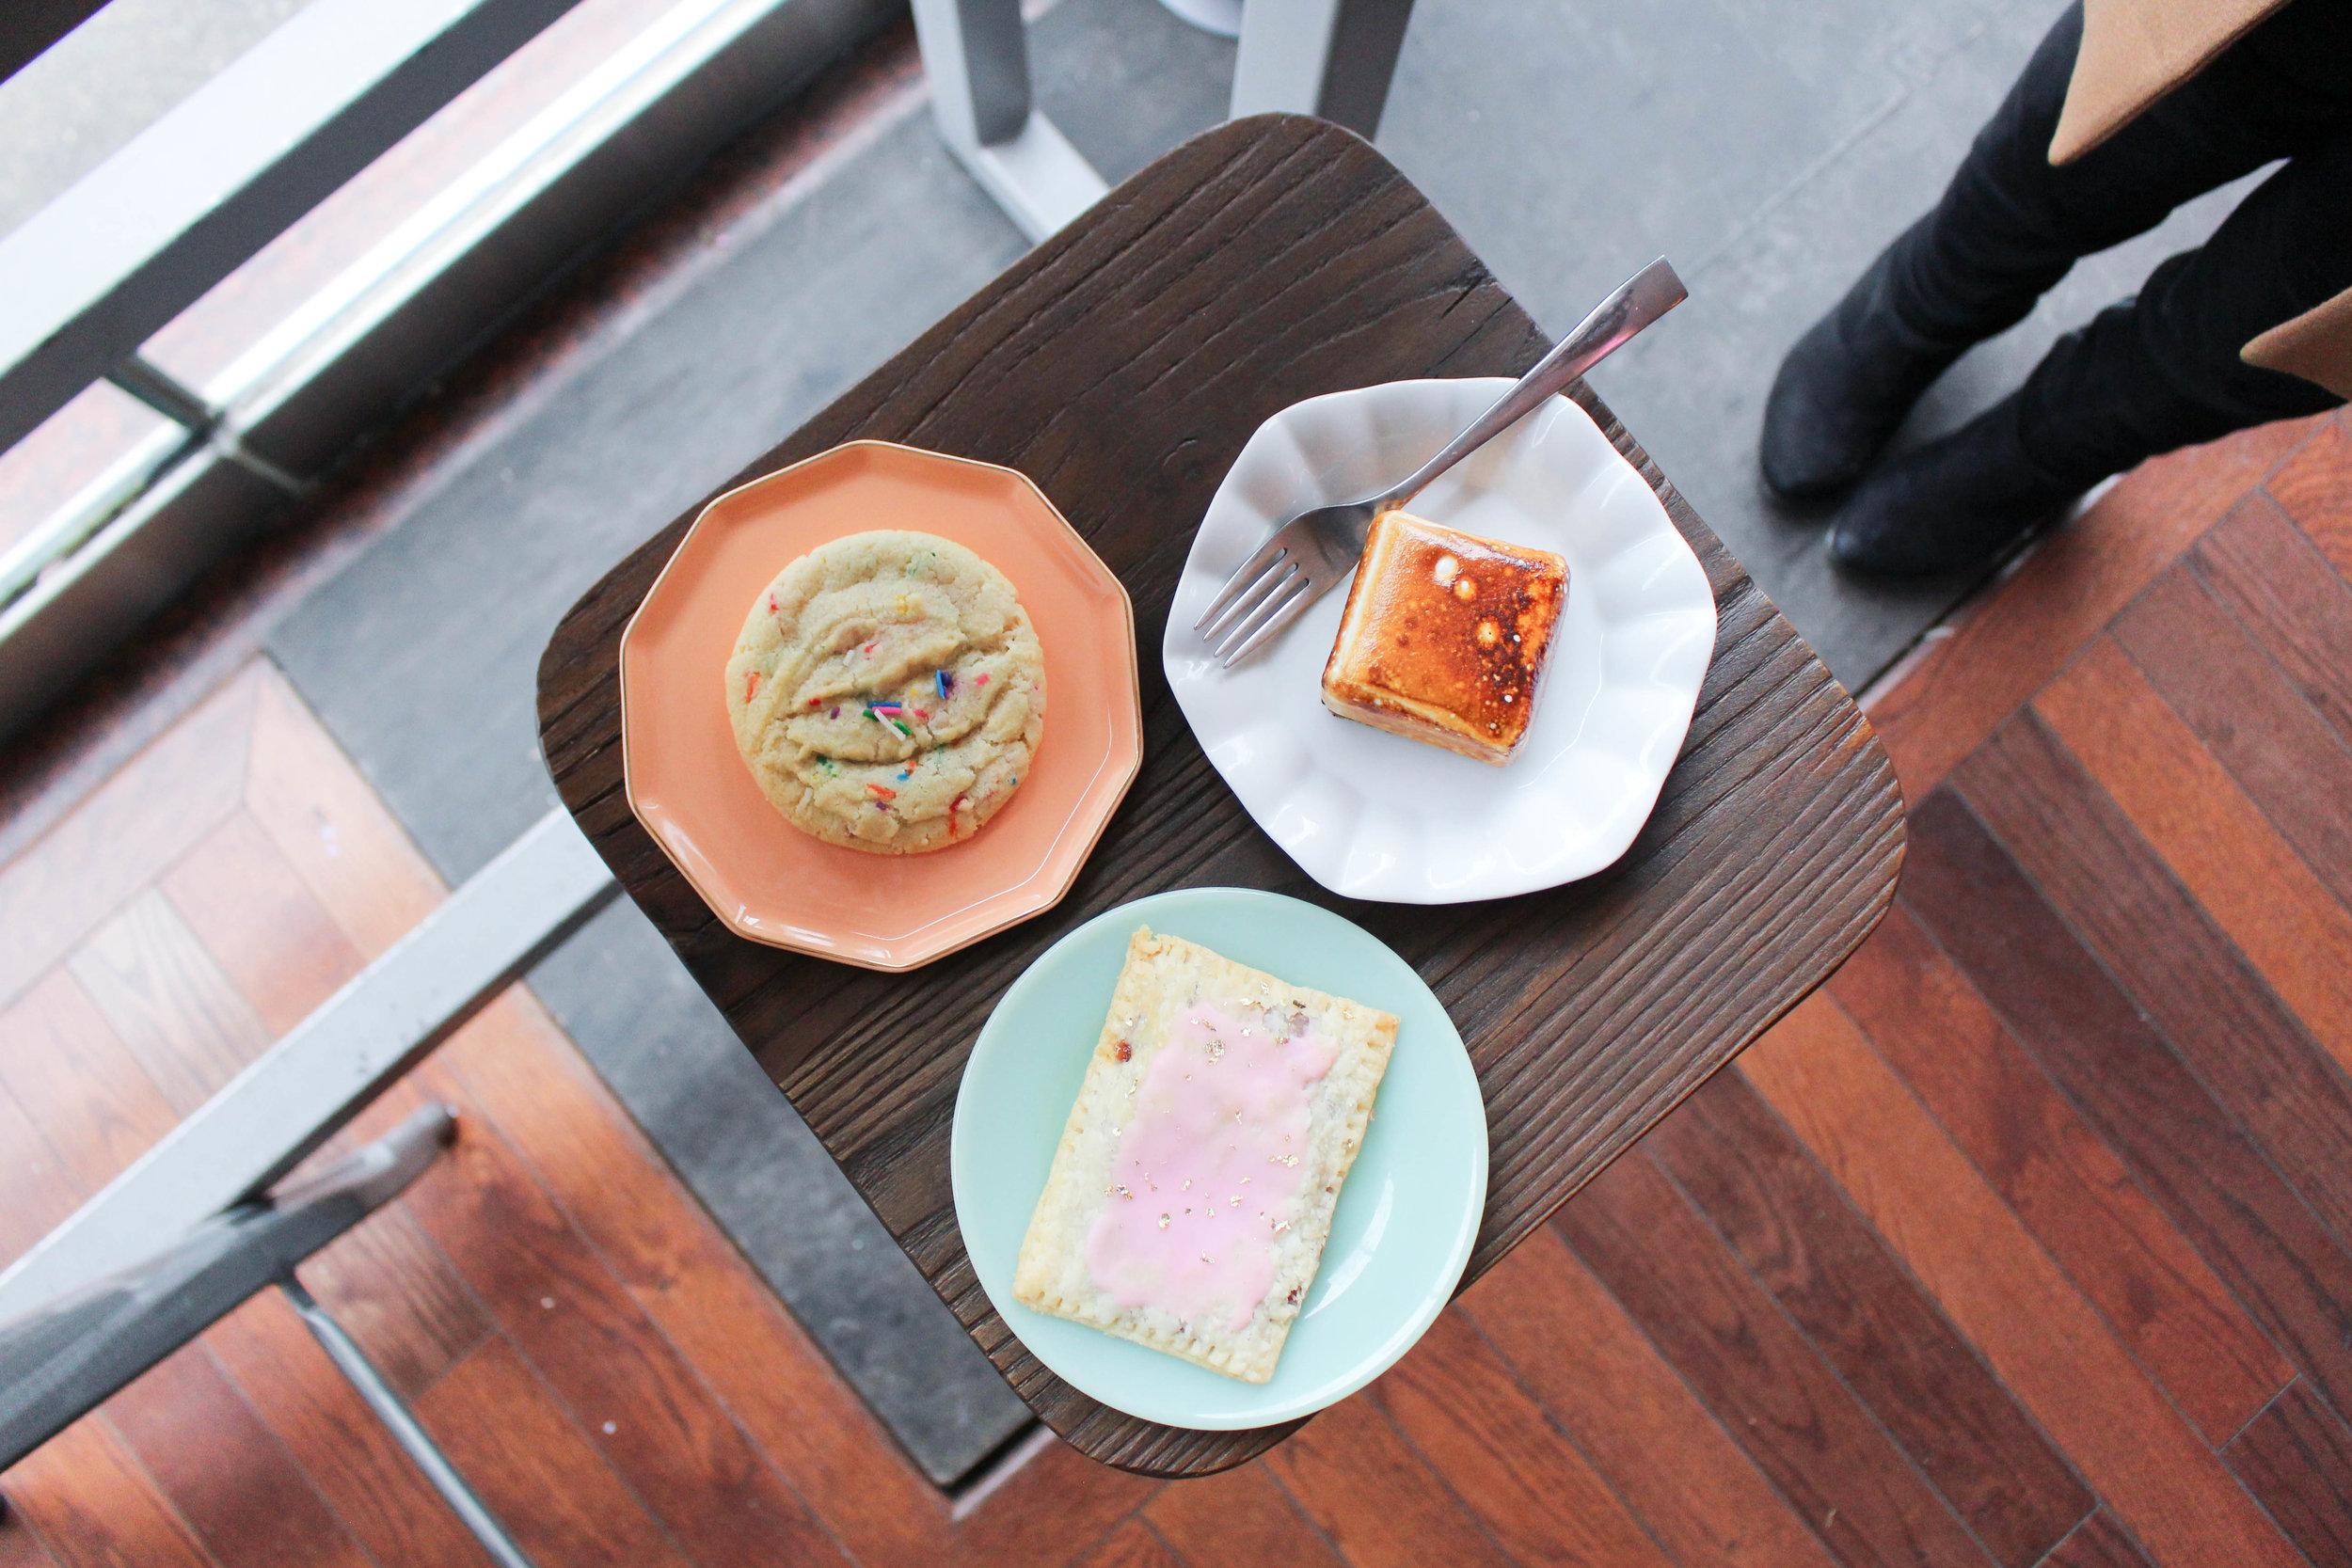 bake shoppe in toronto